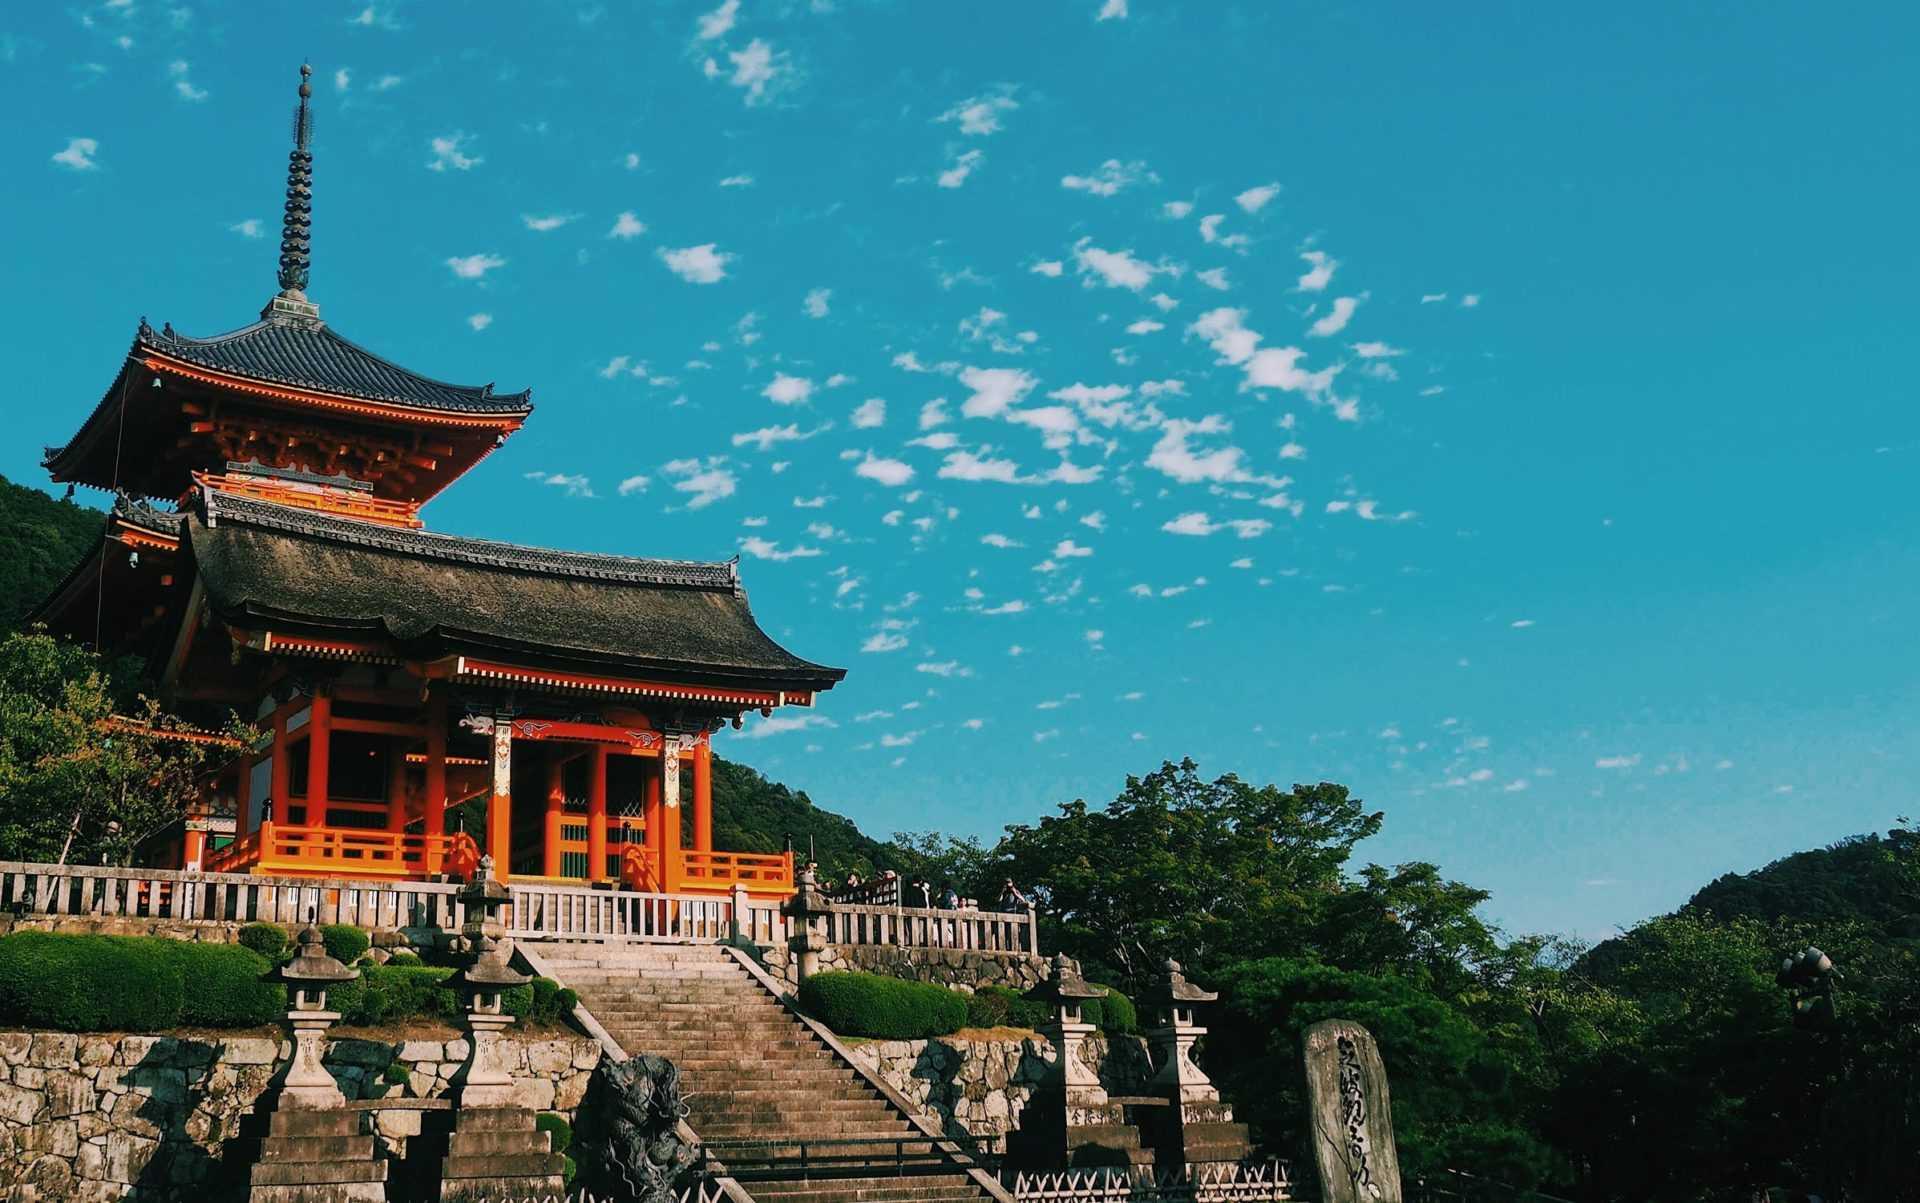 Вознаграждение за путешествие: в Японии запустили необычную акцию